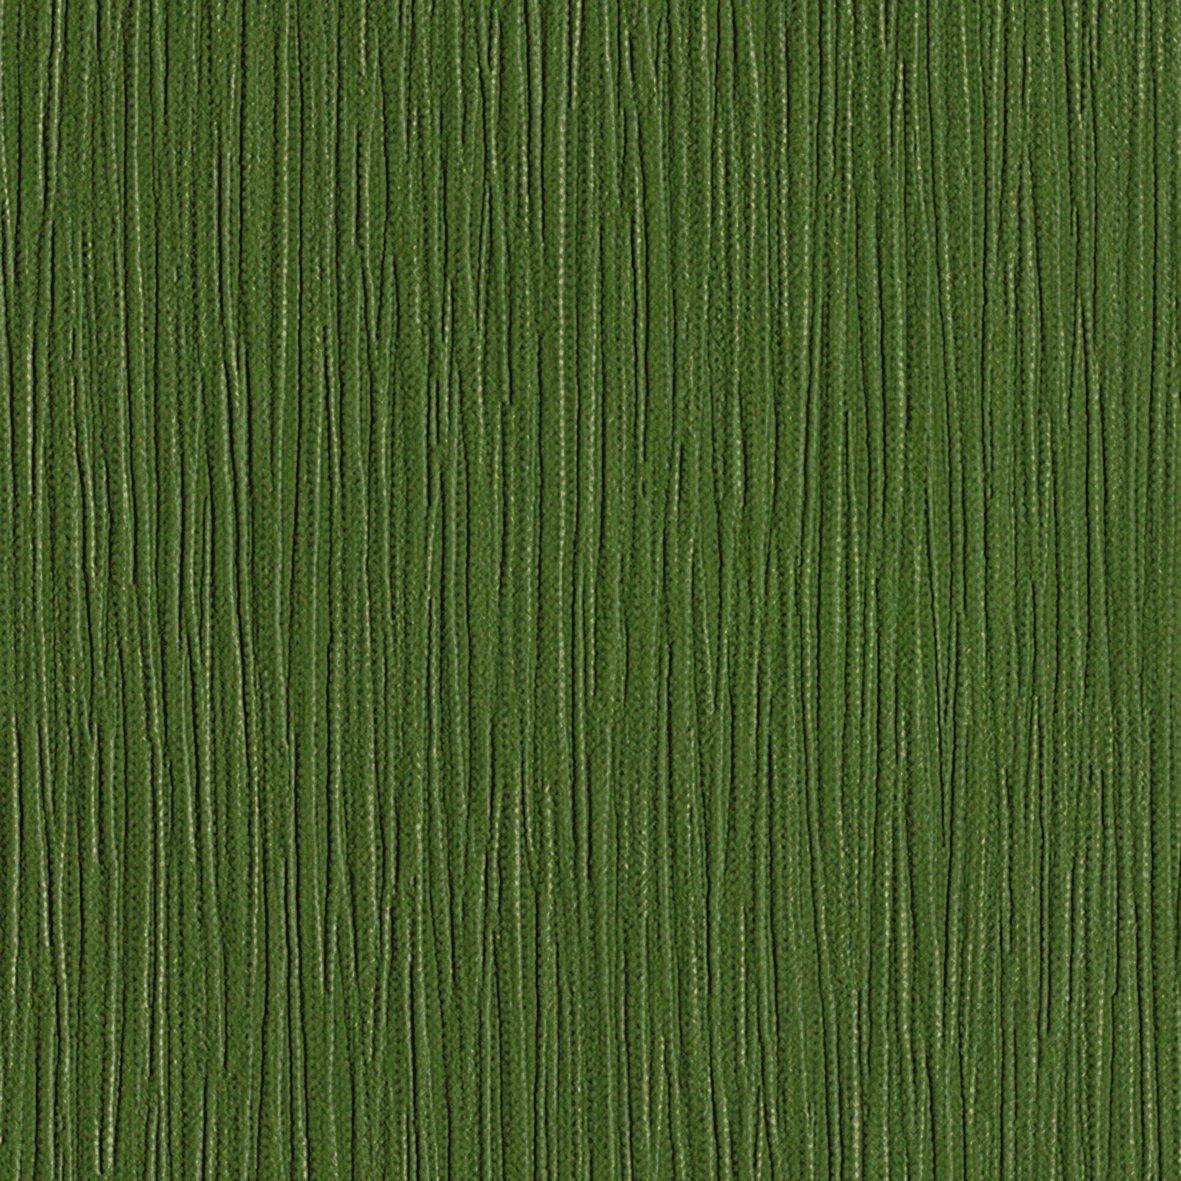 リリカラ 壁紙38m シンフル ストライプ グリーン LL-8617 B01MQFJSNM 38m|グリーン2